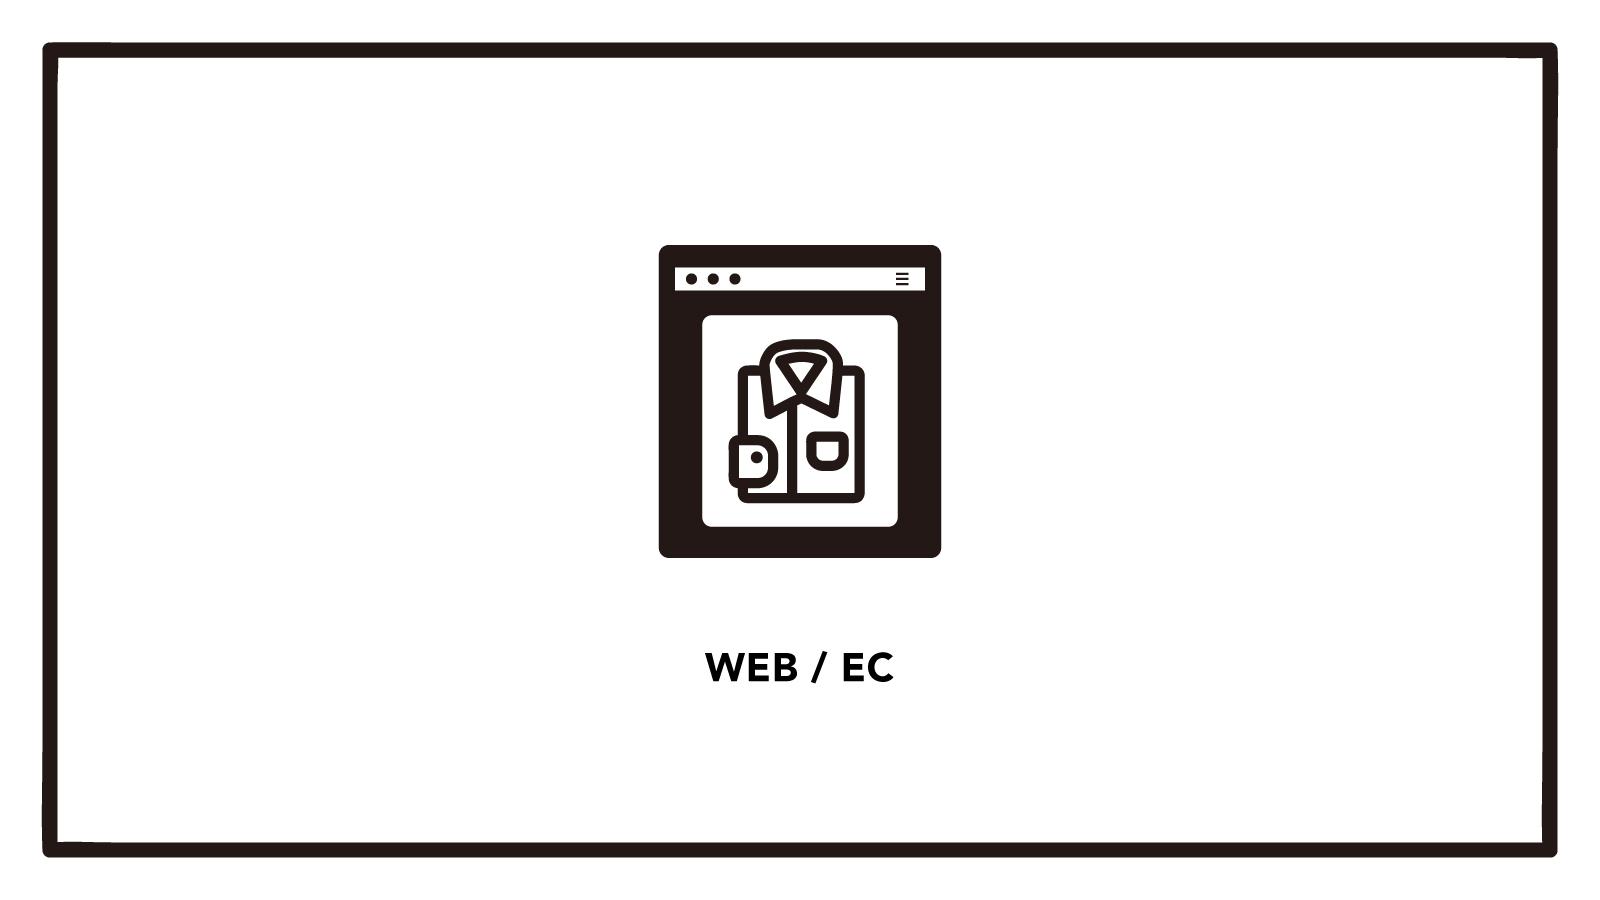 【サイト運用/管理】国内有名デザイナーズブランド|東京 ●のカバー写真